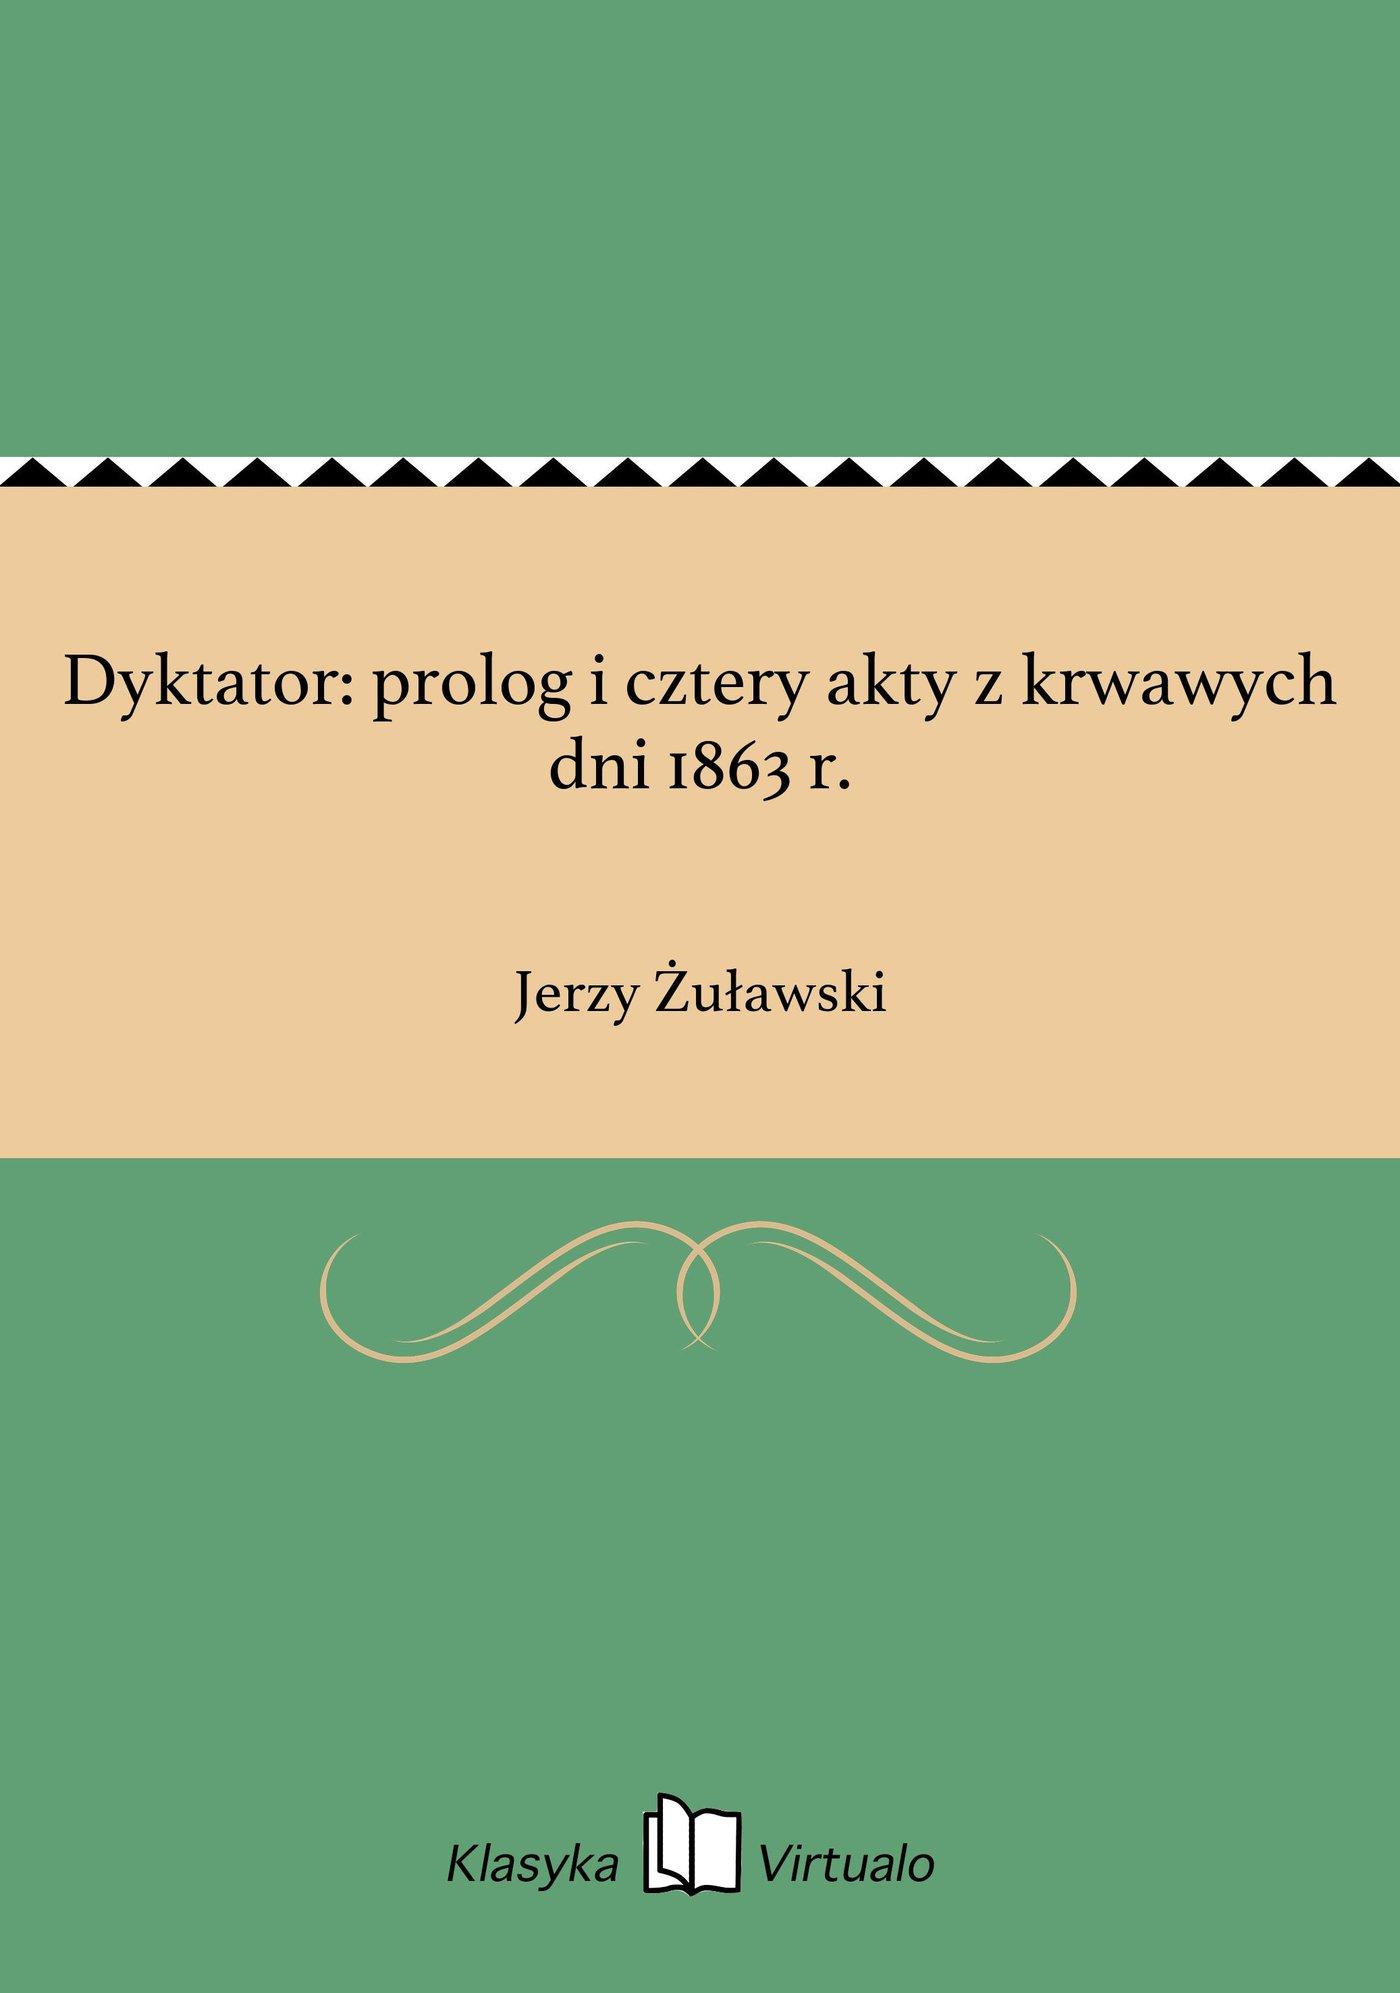 Dyktator: prolog i cztery akty z krwawych dni 1863 r. - Ebook (Książka EPUB) do pobrania w formacie EPUB